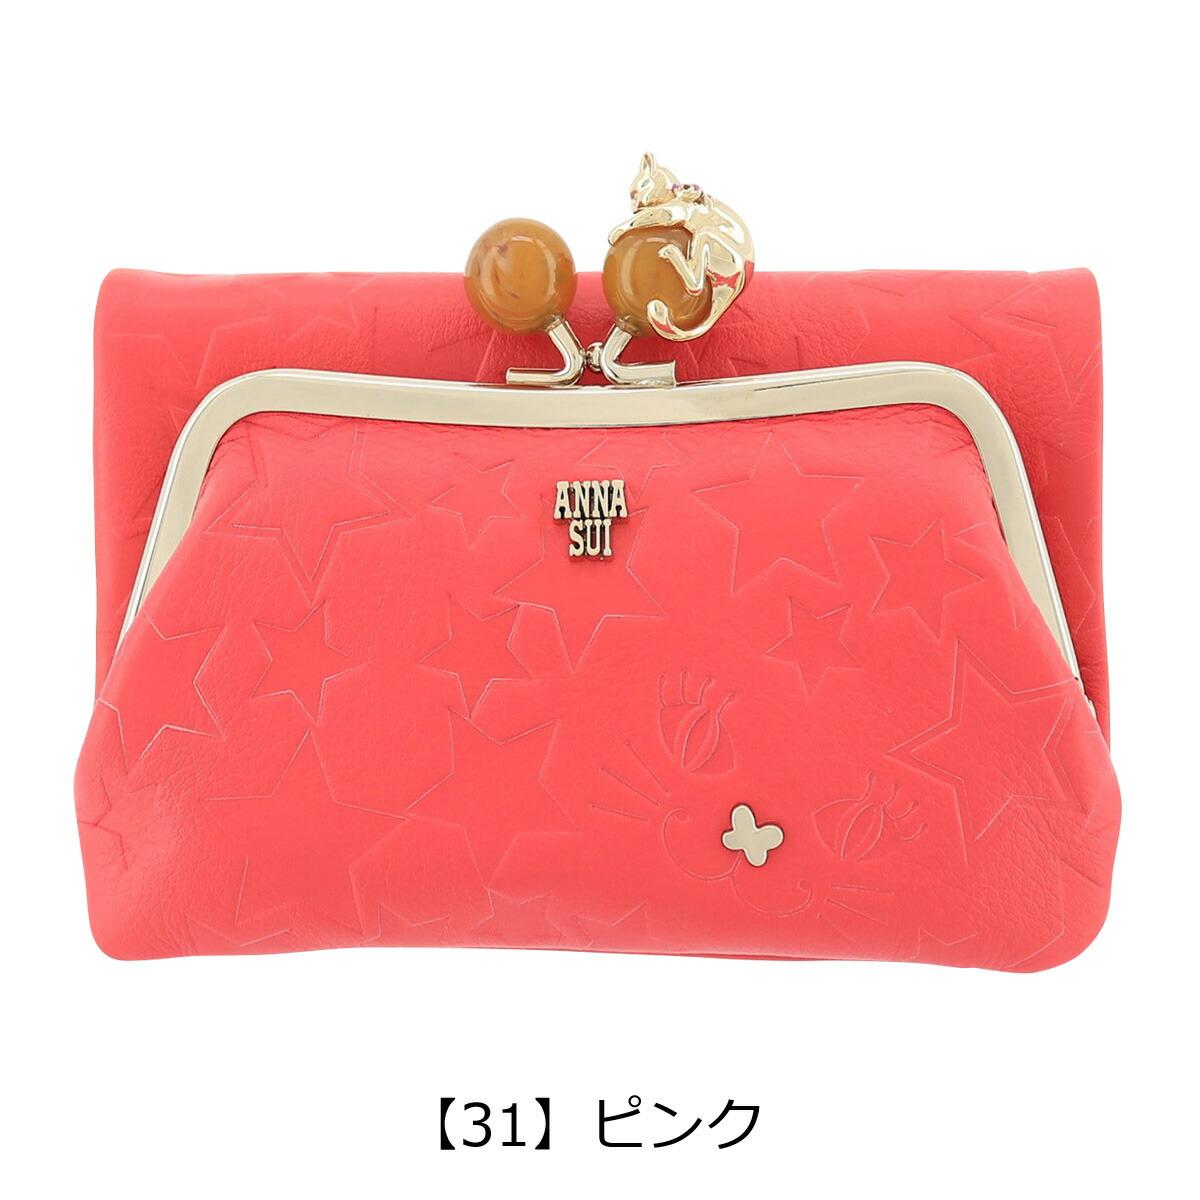 【31】ピンク